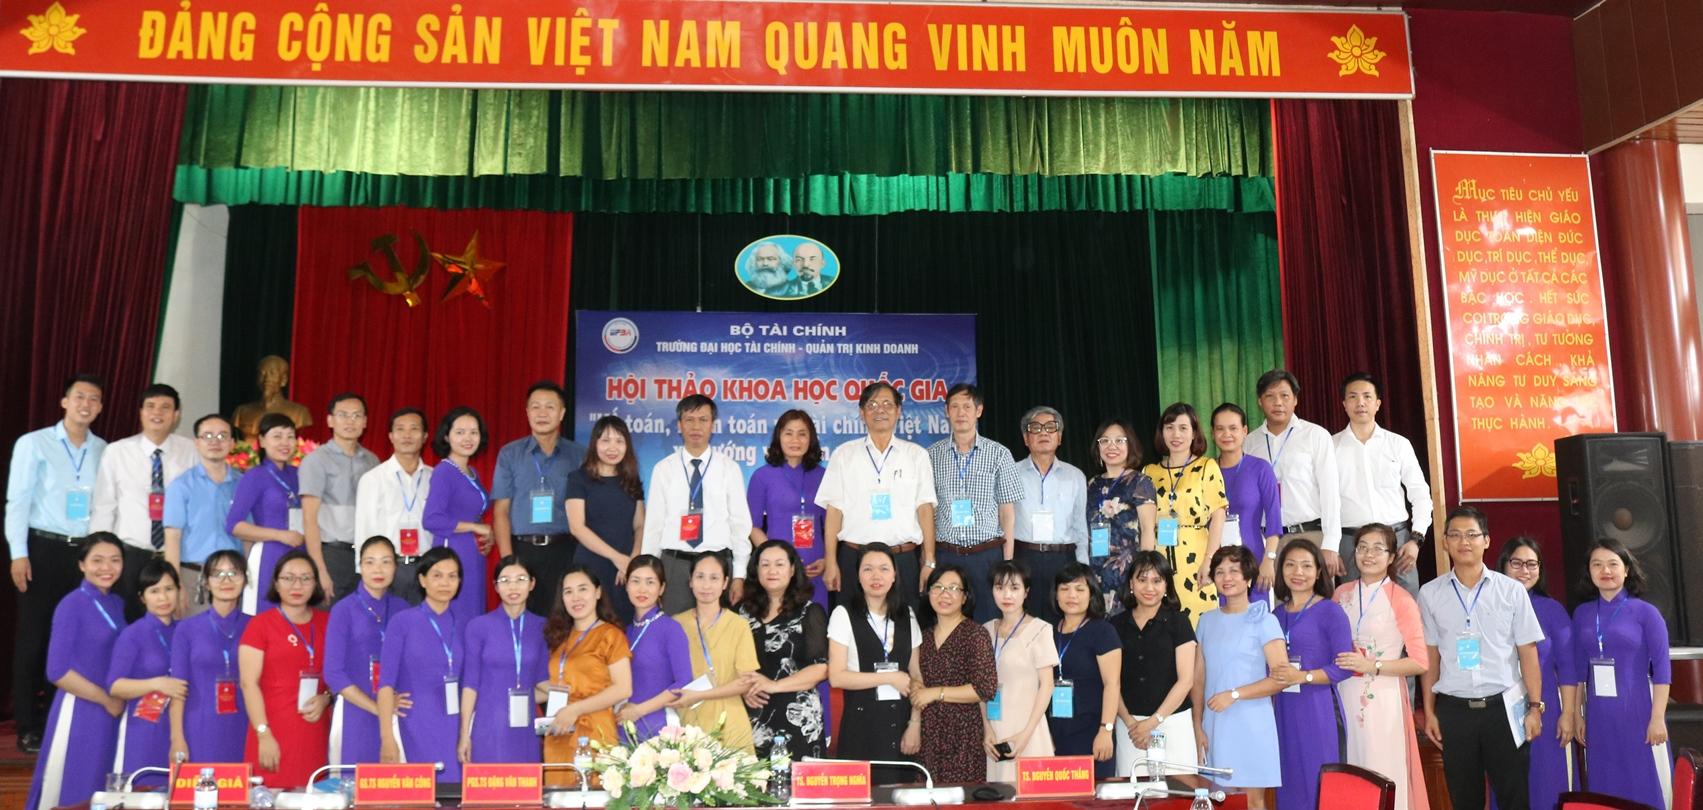 """KH tổ chức hội thảo quốc gia: Kế toán, Kiểm toán và Tài chính Việt Nam - Xu hướng và triển vọng"""""""